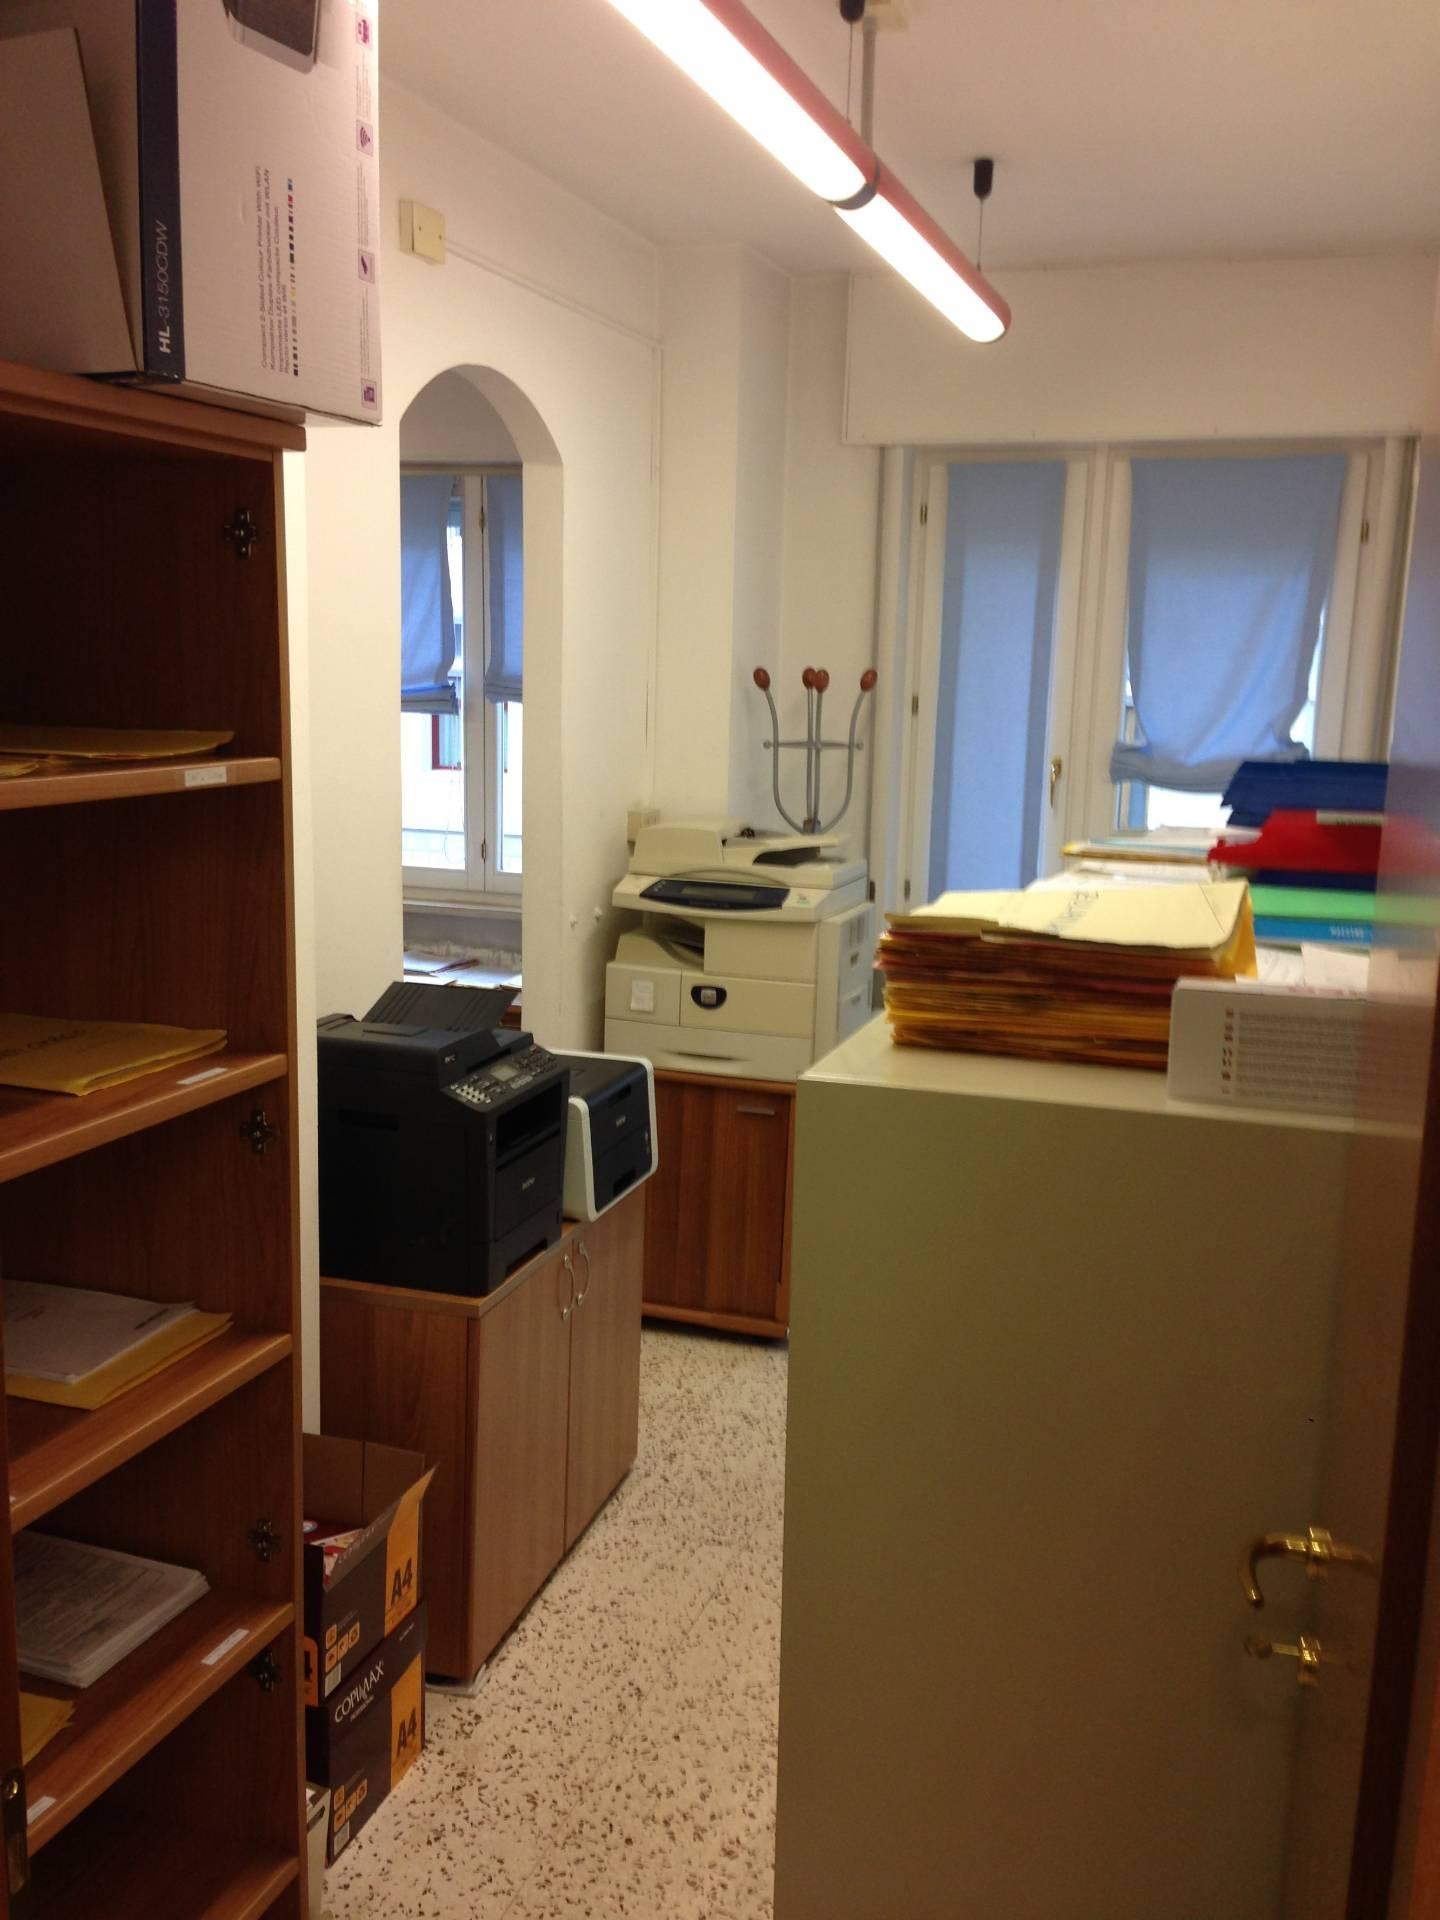 Appartamento PORDENONE vendita  Grigoletti  EuroCase Soluzioni Immobiliari